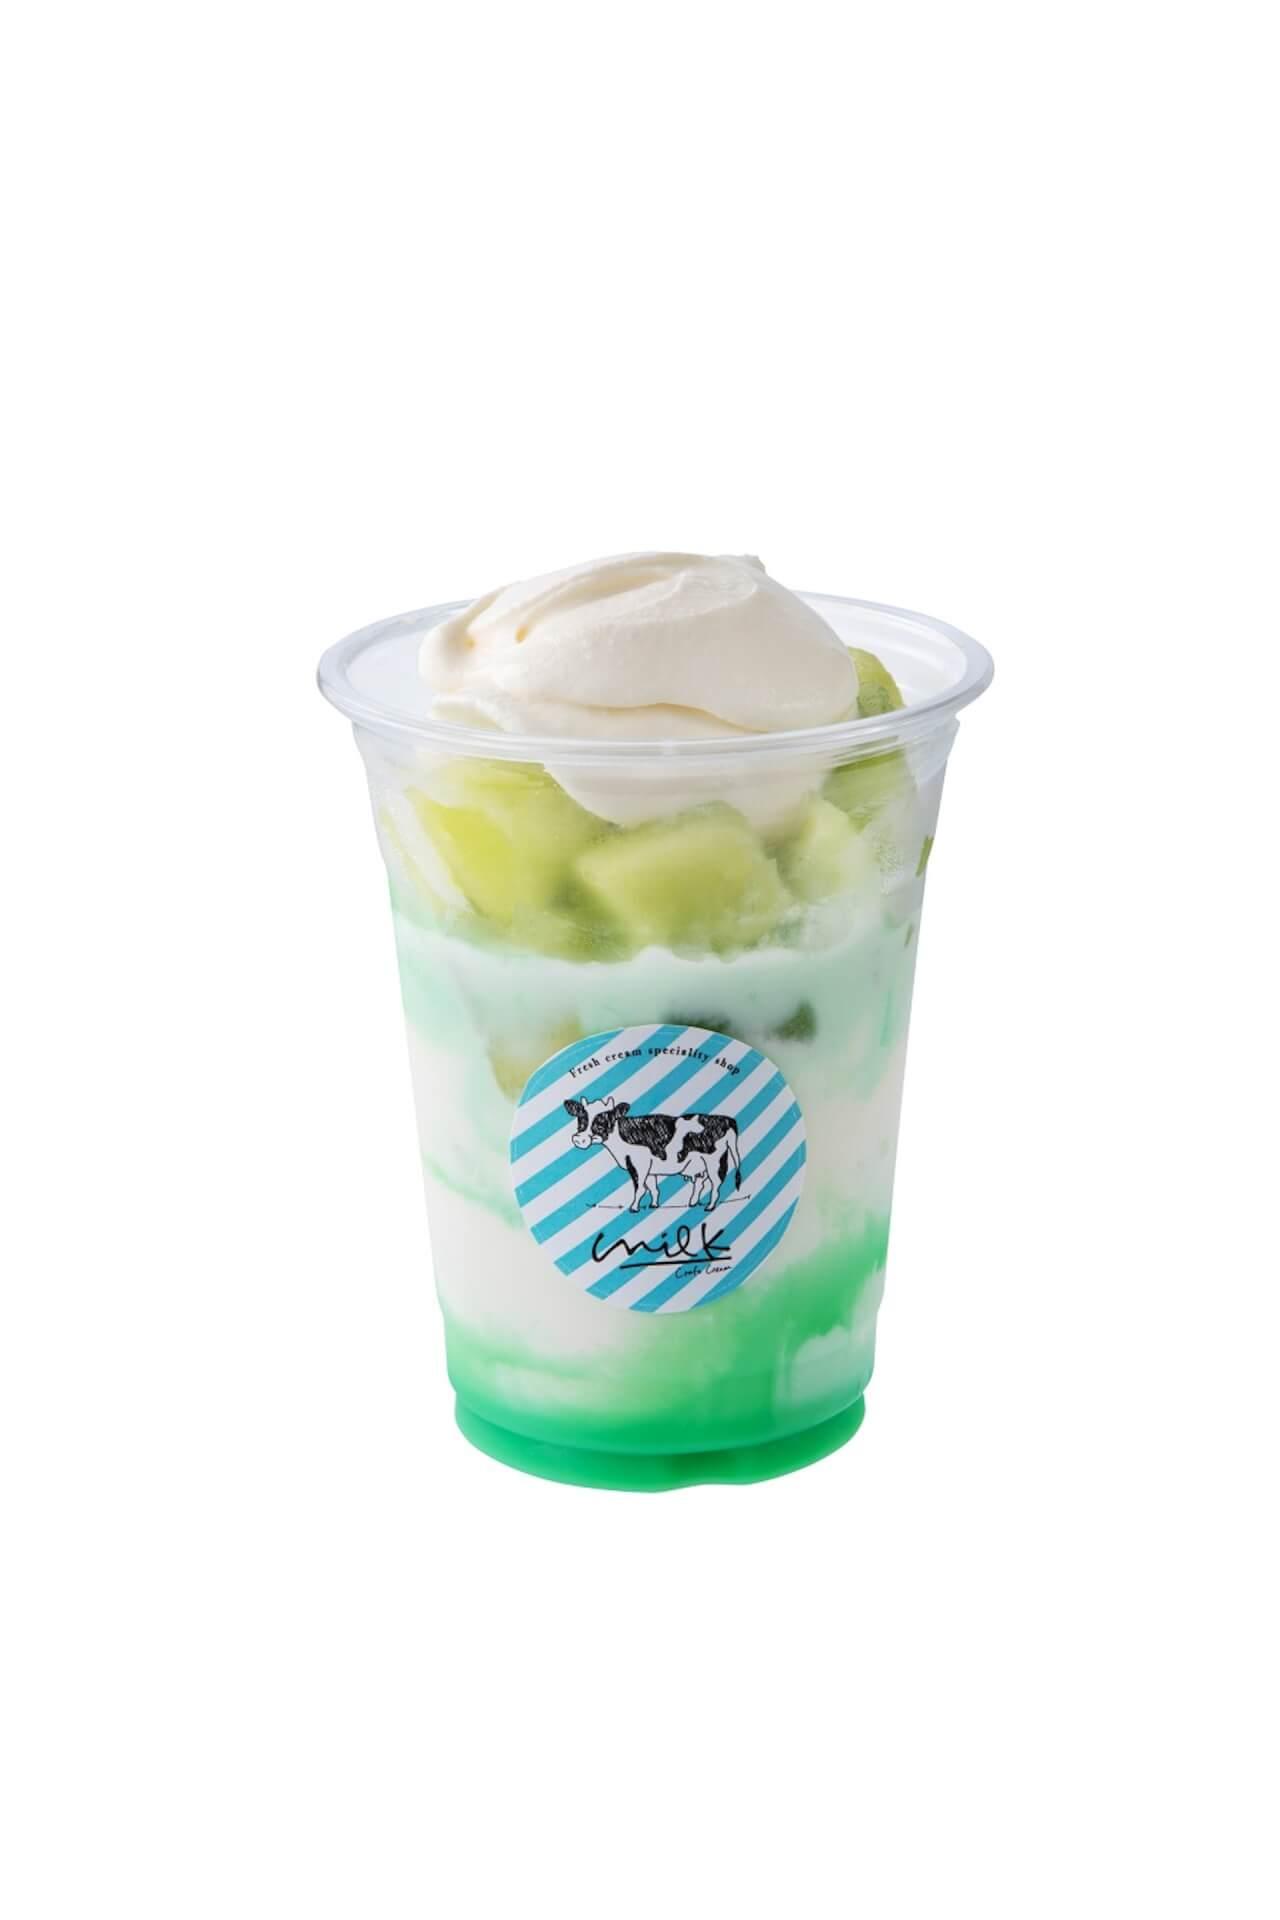 渋谷ミルクがかき氷屋さんに!ふわふわのいちごやマンゴーなどの果物のかき氷が食べ歩きサイズ・夏季限定で新登場 gourmet200709_milk_kakigori_07